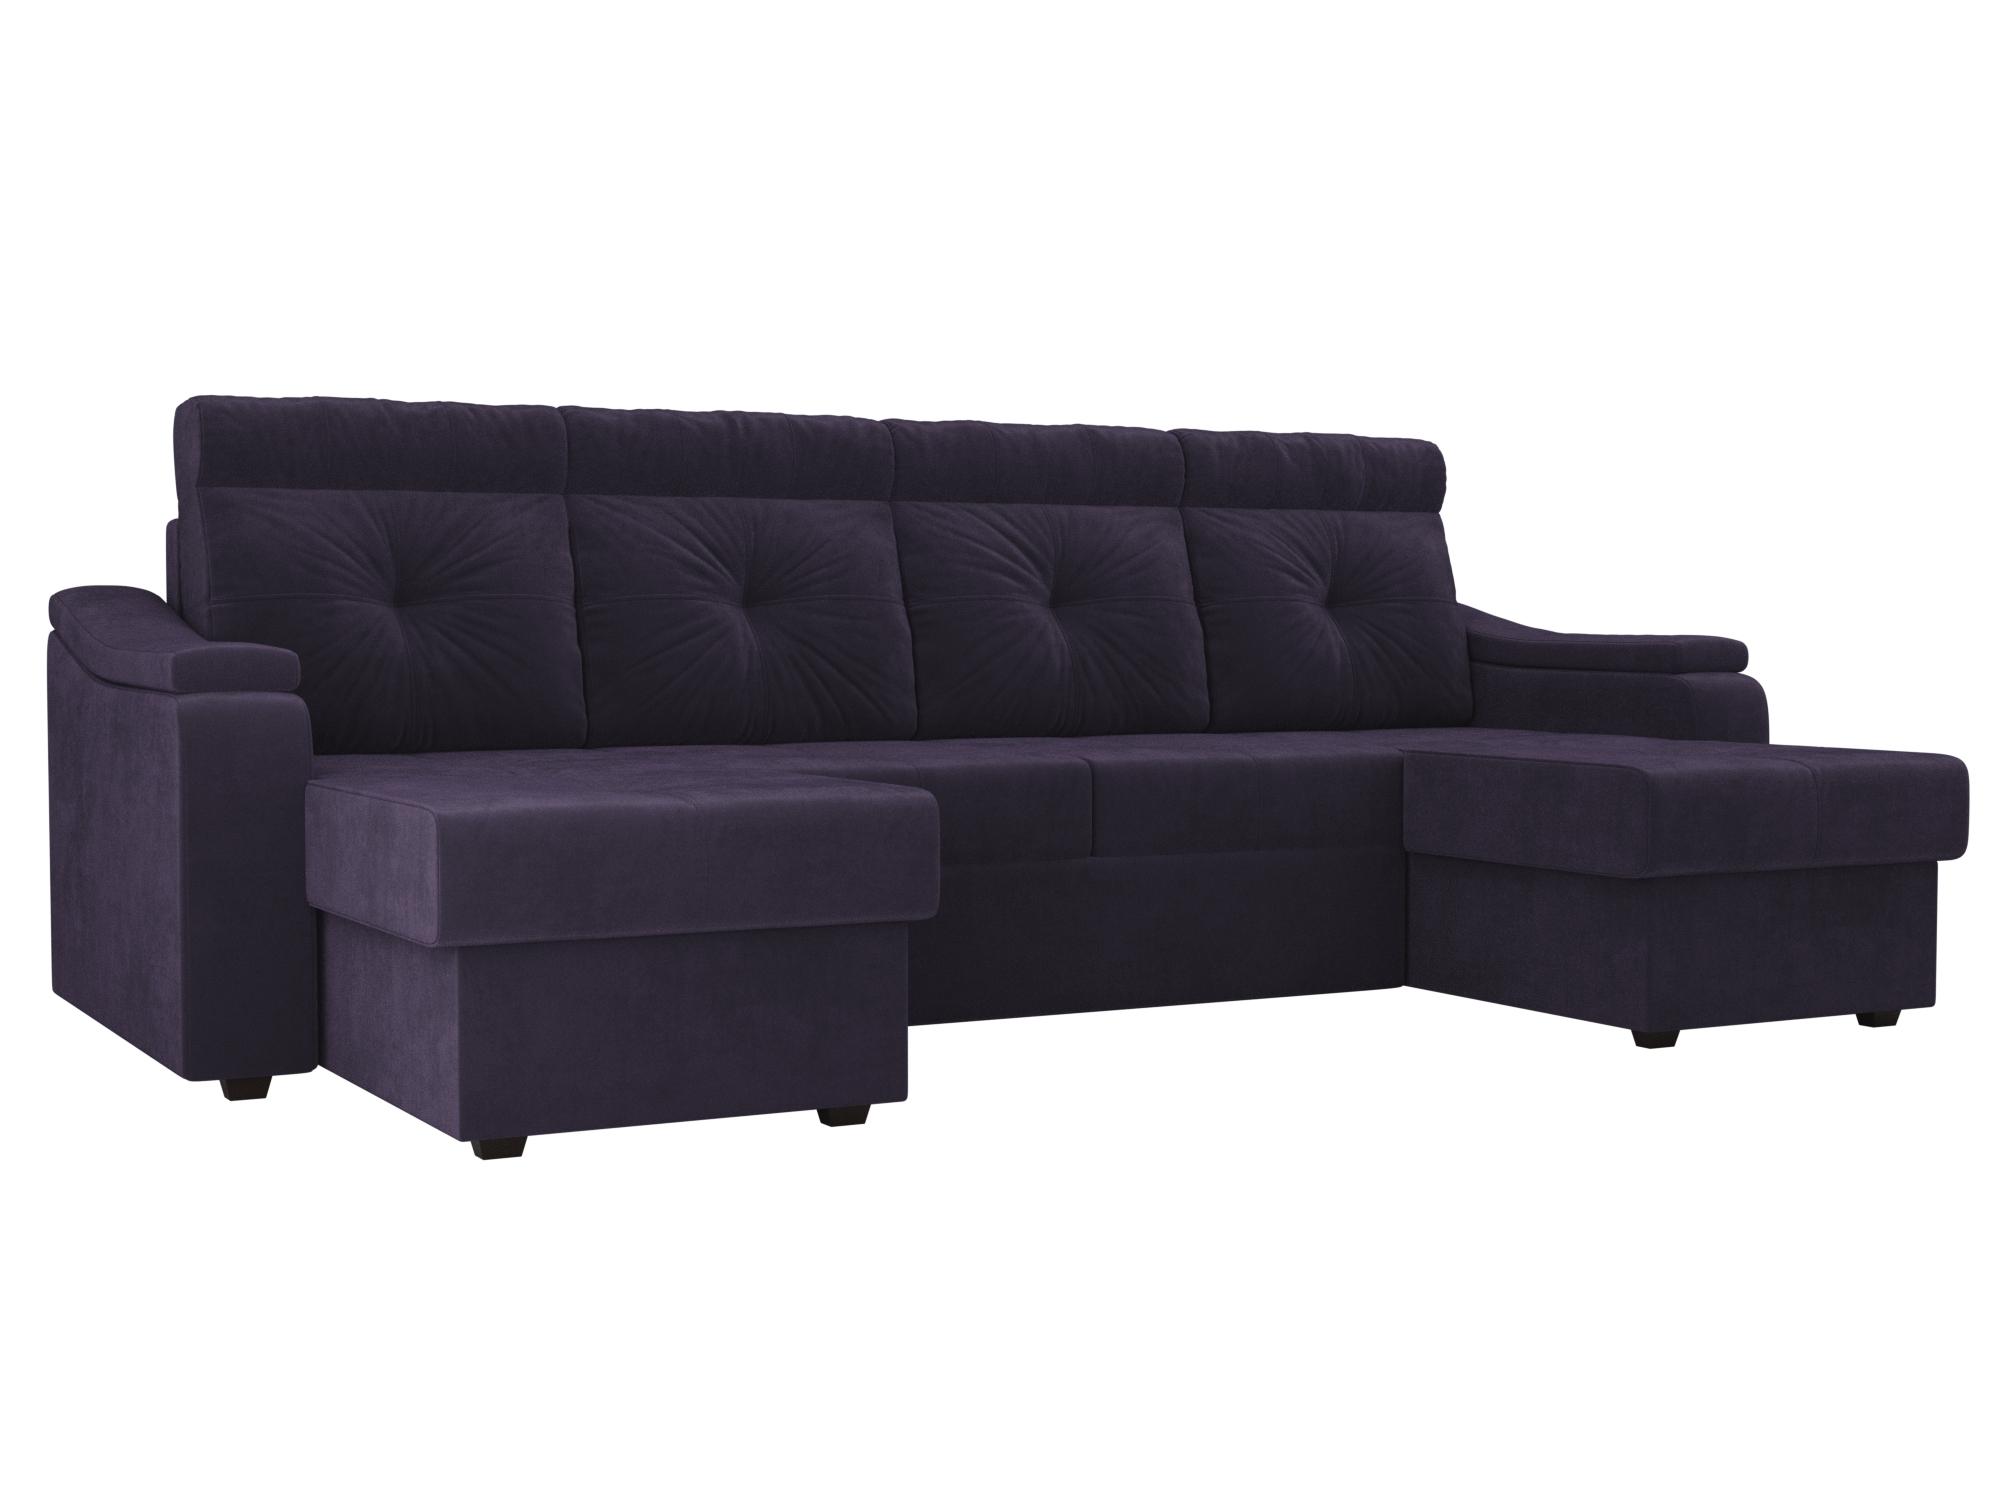 П-образный диван Джастин MebelVia Фиолетовый